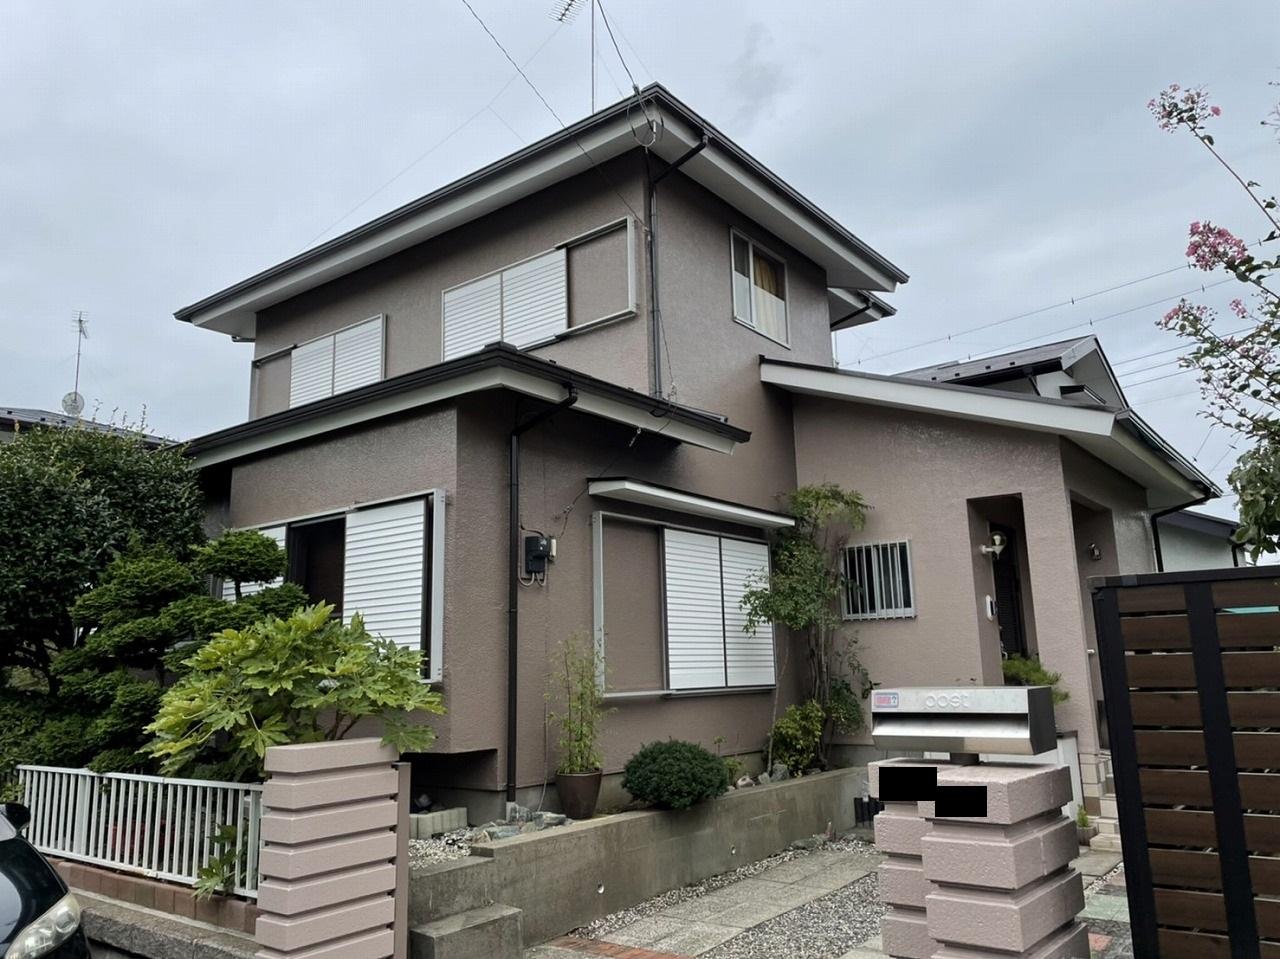 千葉県印旛郡Ⅰ様邸様邸 外壁塗装・屋根塗装工事が完成しました!